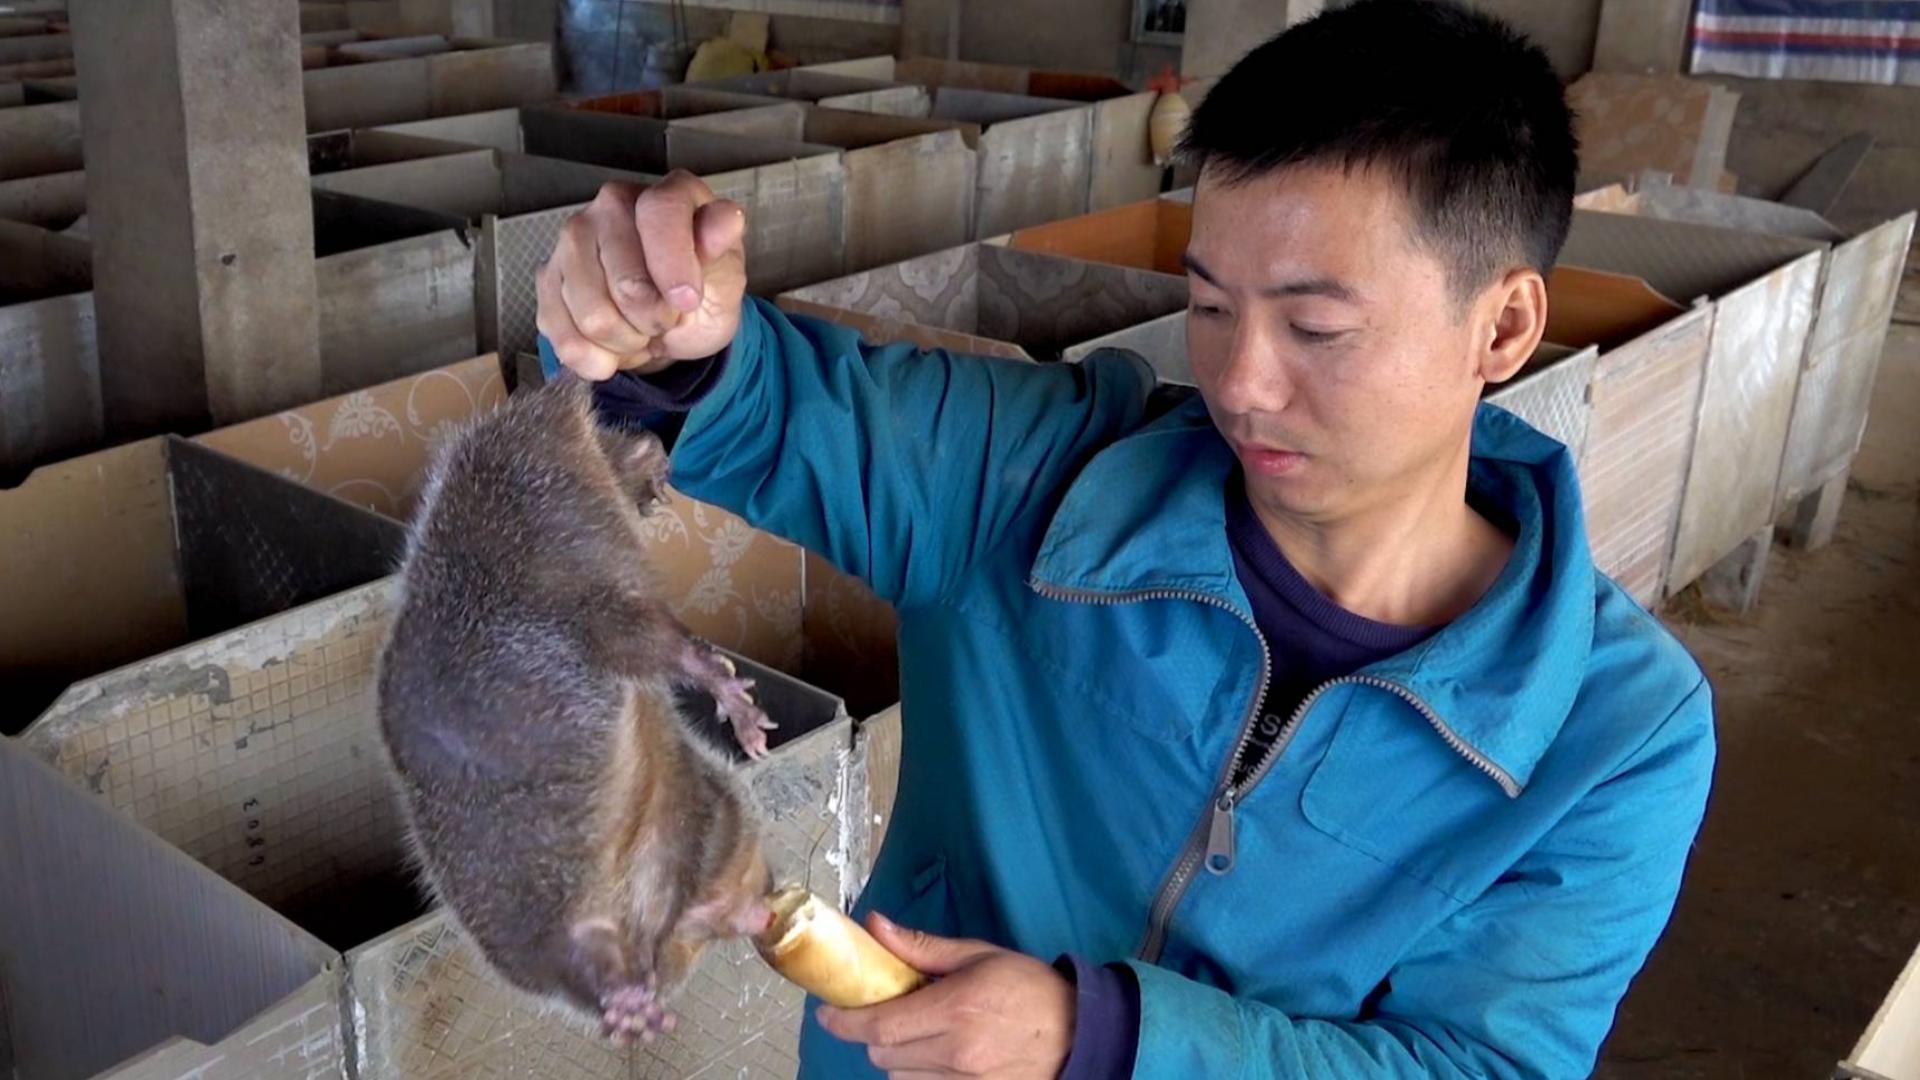 """华农兄弟:昨晚有只竹鼠""""托梦""""给我,想吃竹笋,去挖个来炖它"""